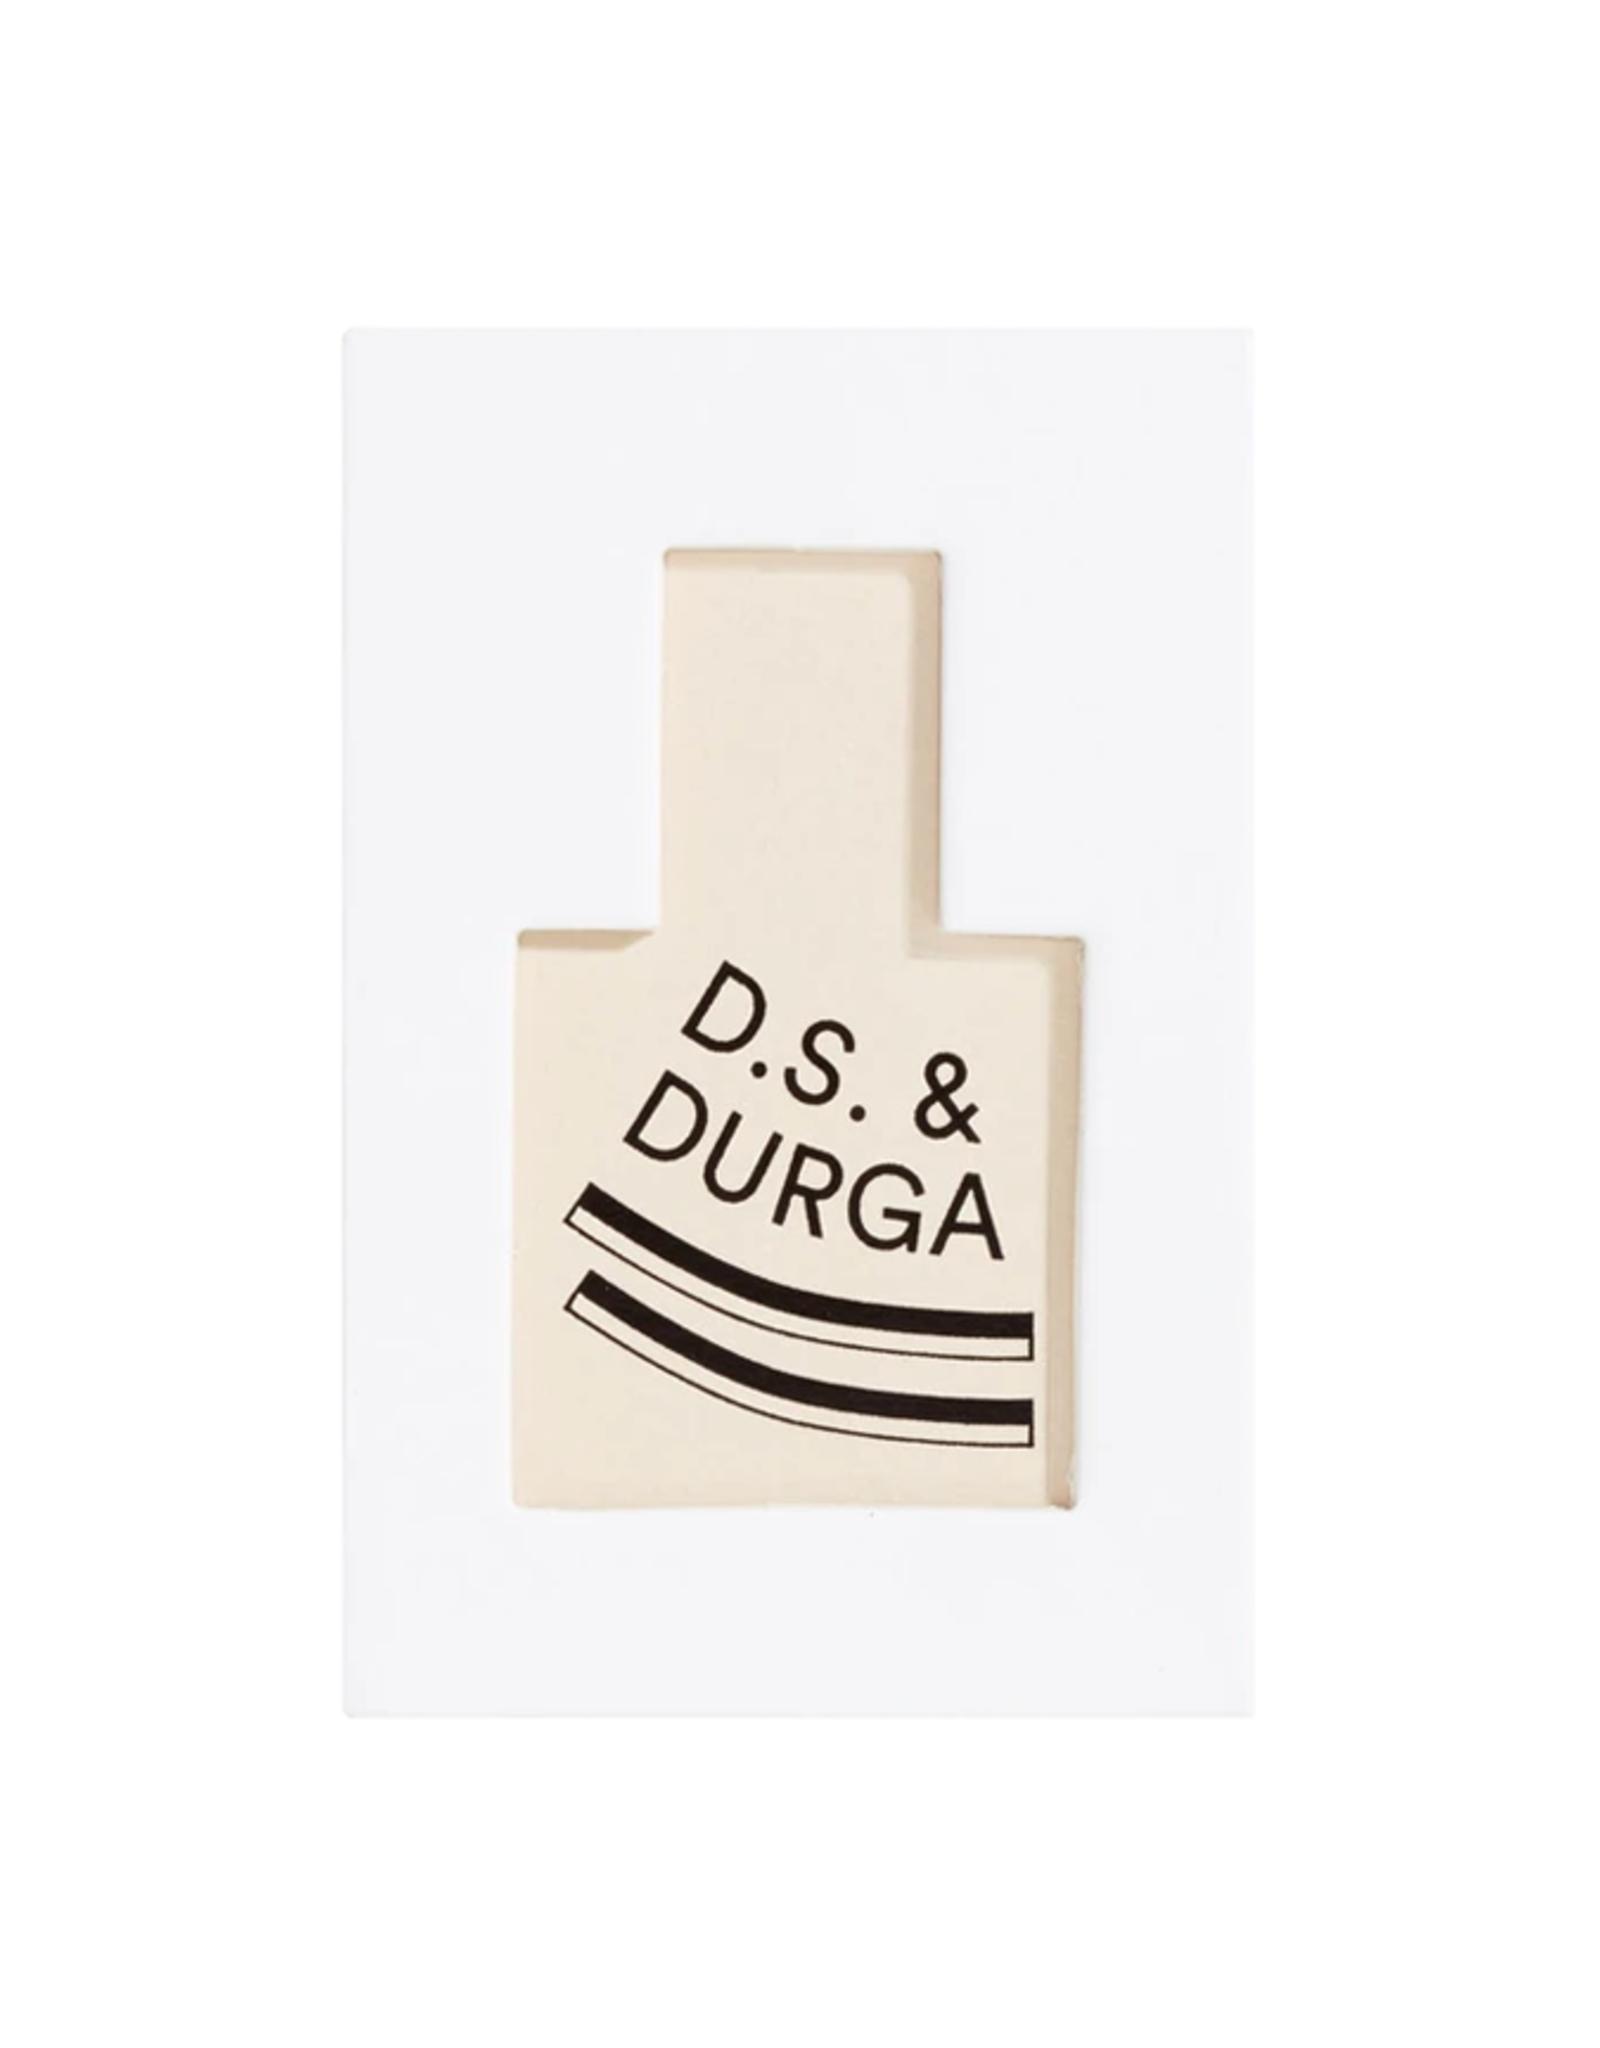 D.S. & DURGA Durga - Eau De Parfum - 50 mL